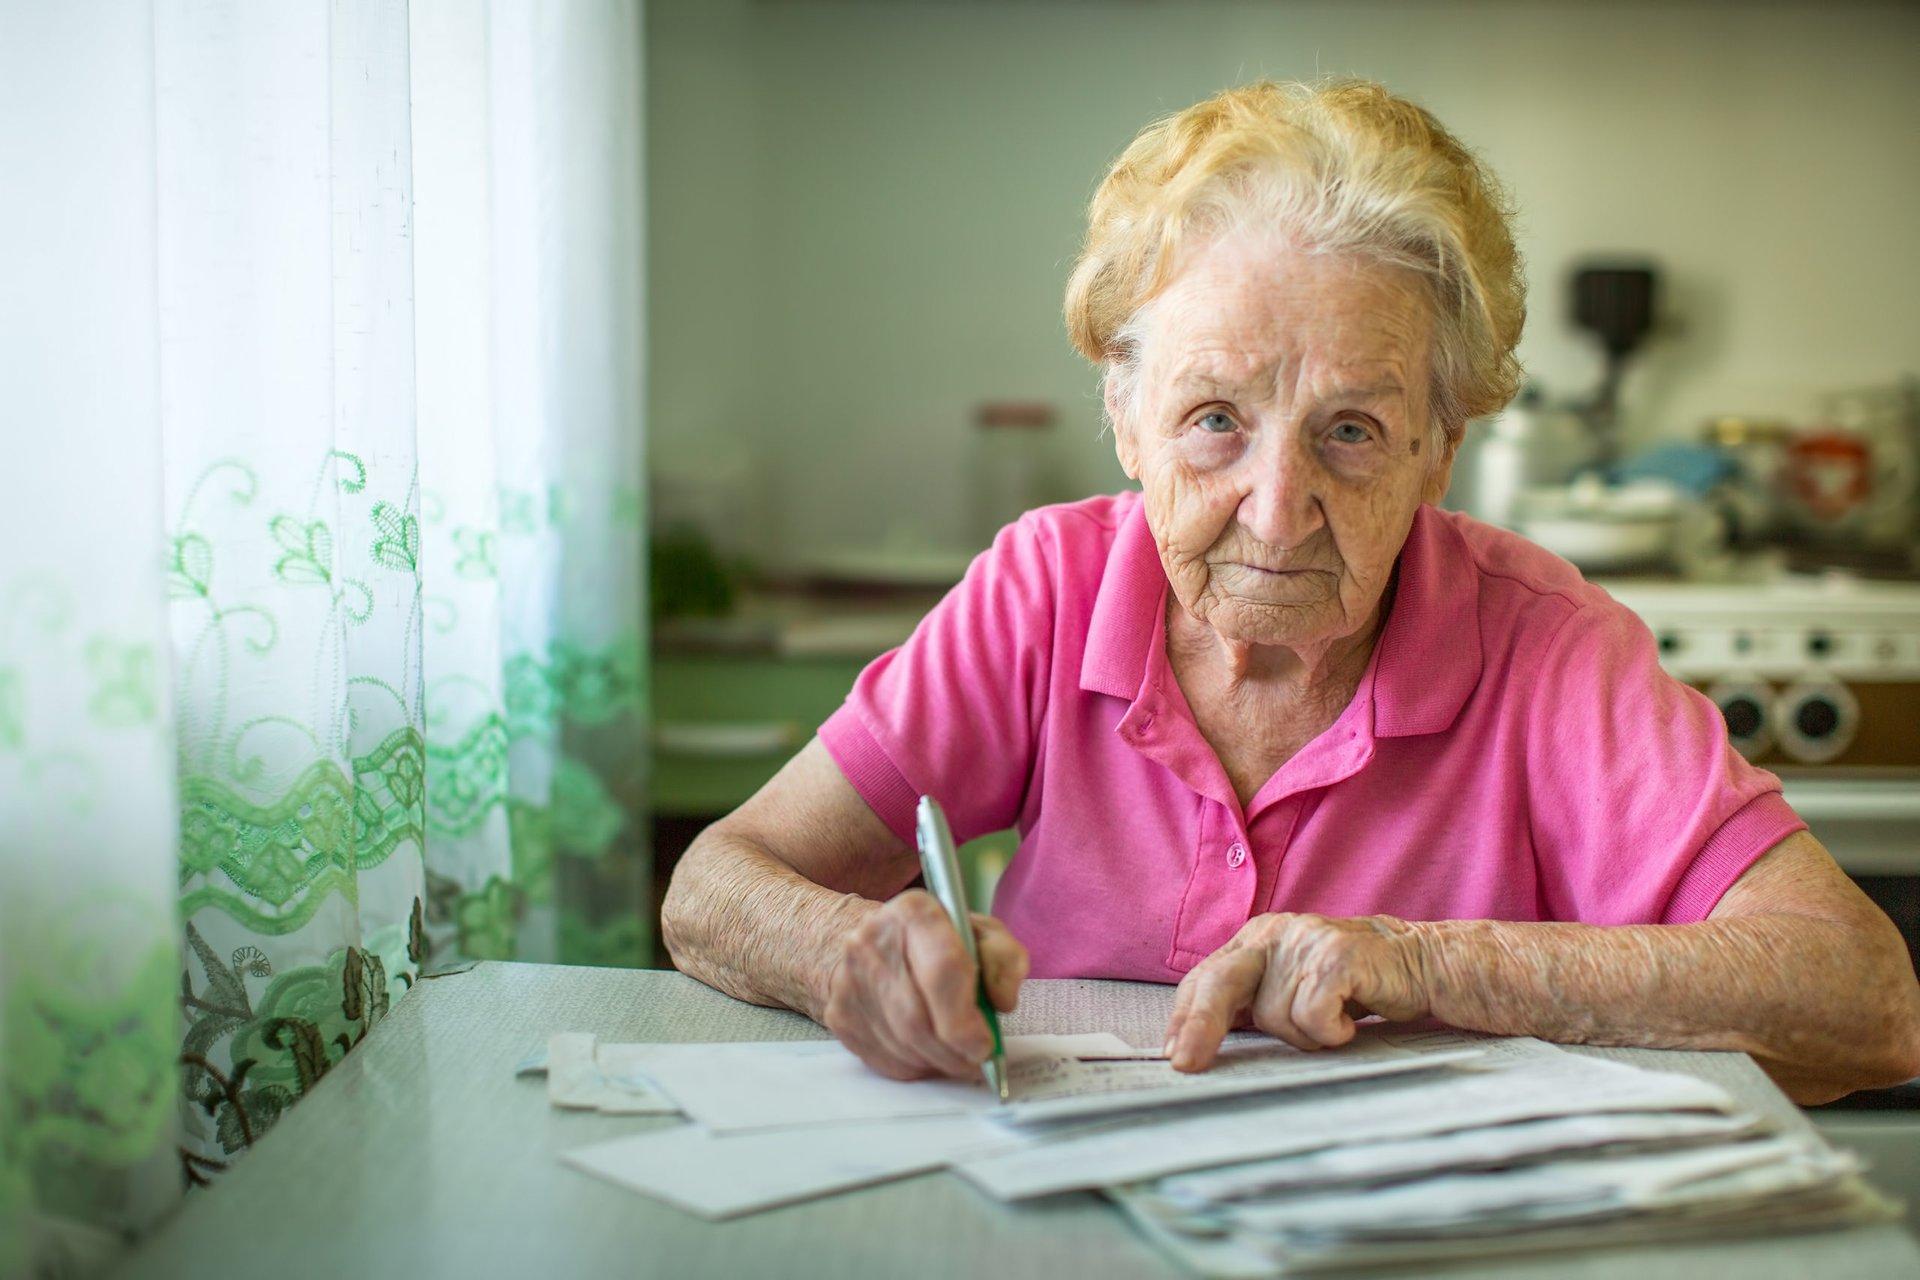 Senior woman paying Medicare bills